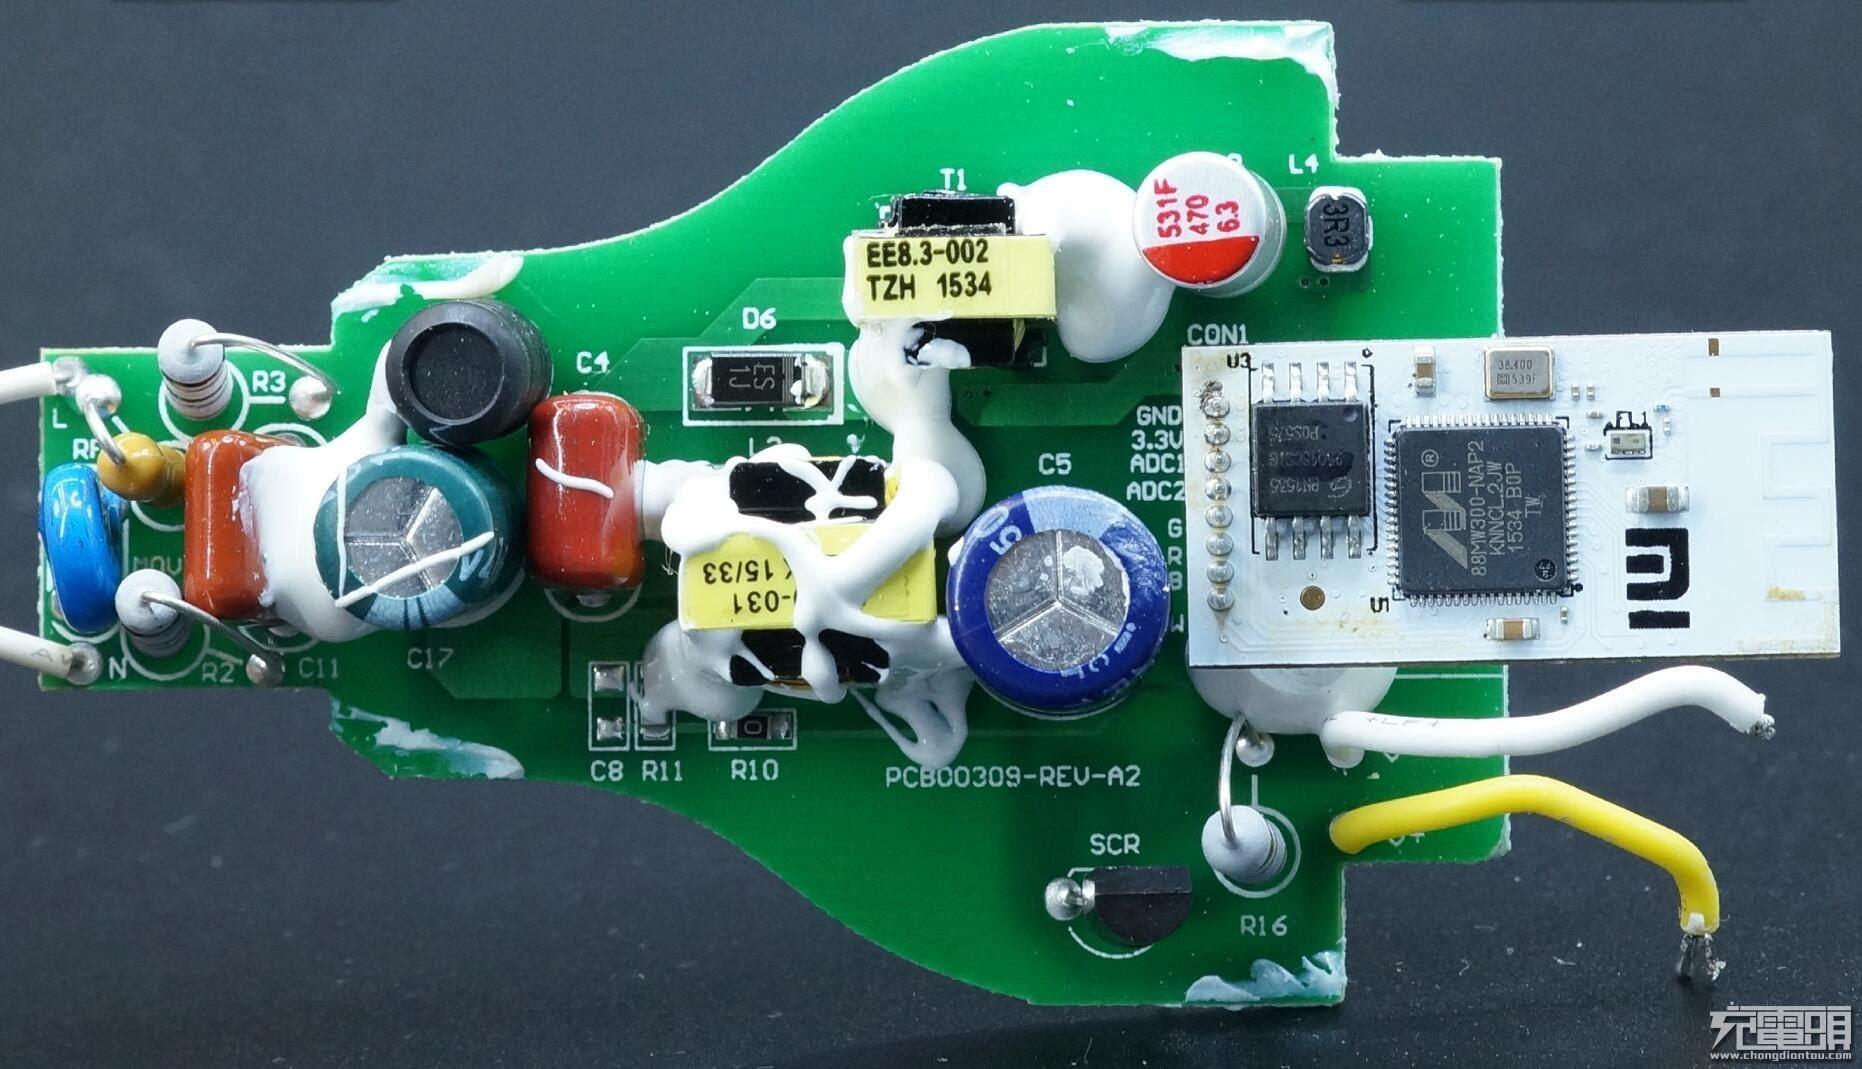 拆开灯的时候我们发现了两只开关变压器,yeelight led灯泡(白光版)